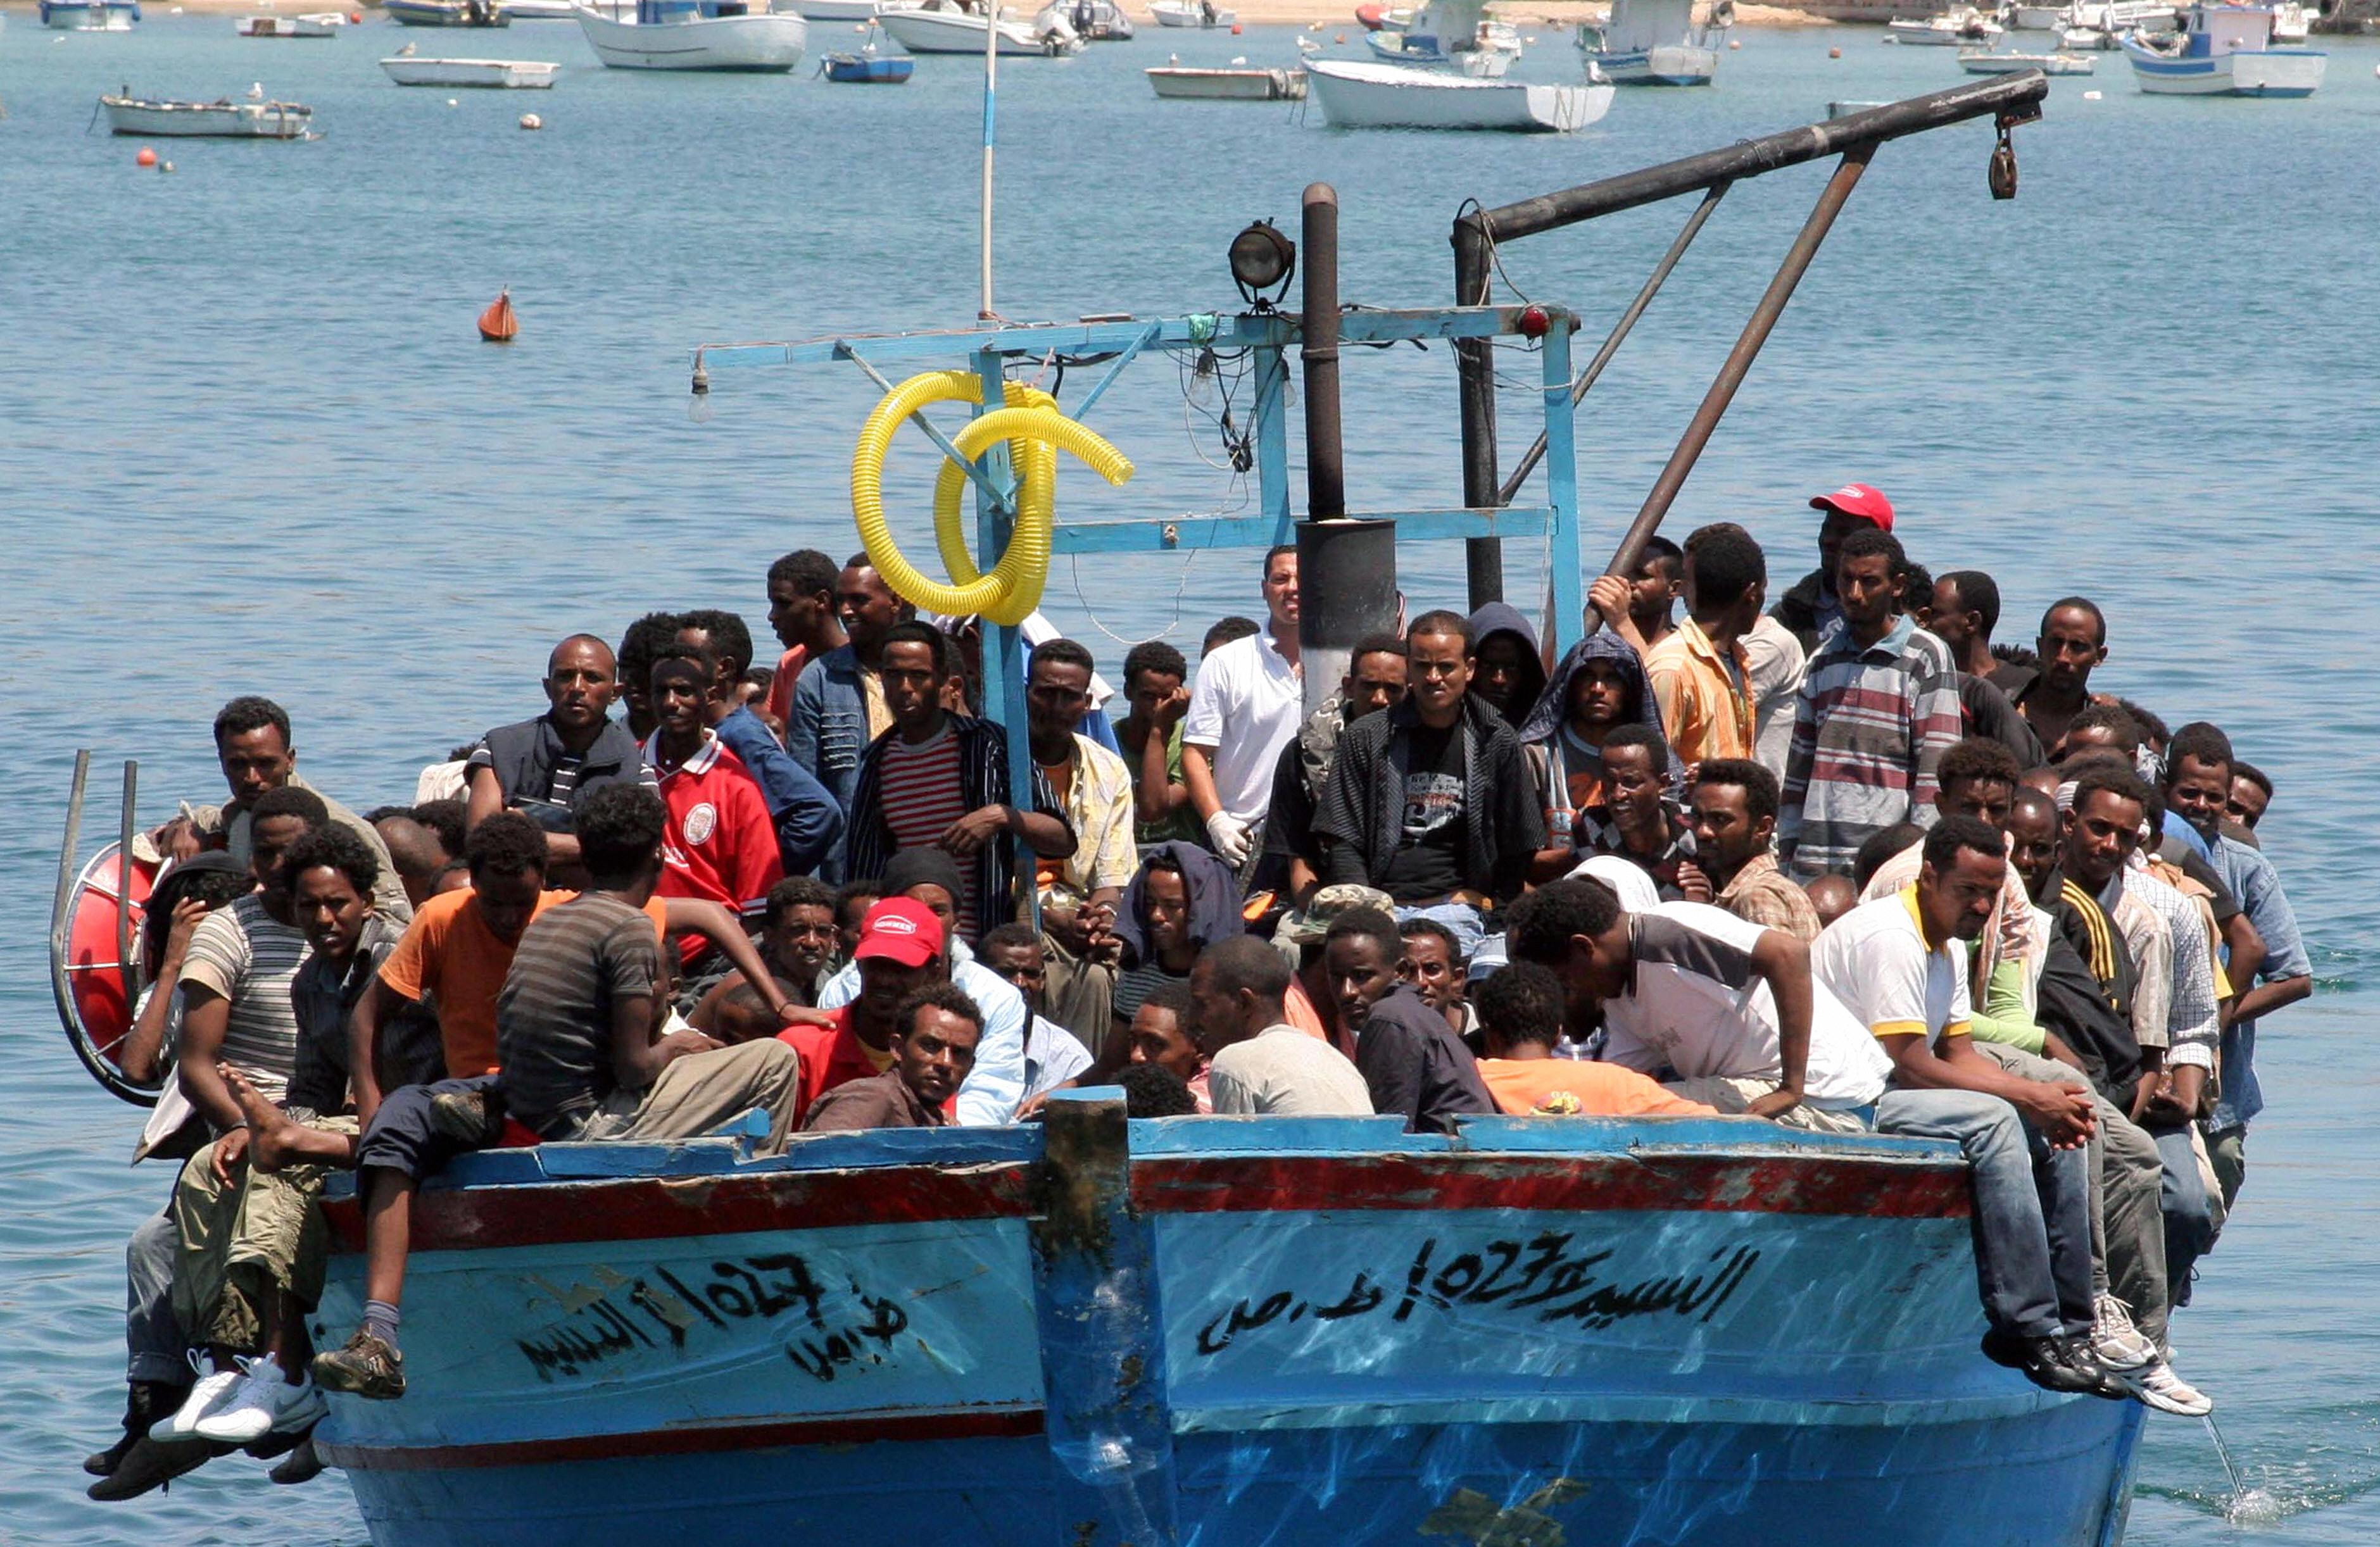 AFPk zabaldutako argazkian, etorkinez zamatutako itsasontzia Italiaren lurralde den Lampedusa uhartera iristen 2015ean. Orduko migrazio krisi famatutik, ordea, europarrek gaiaren irudi okerra atera dute Stephen Smithen aburuz: 2015ean Europara iritsitako